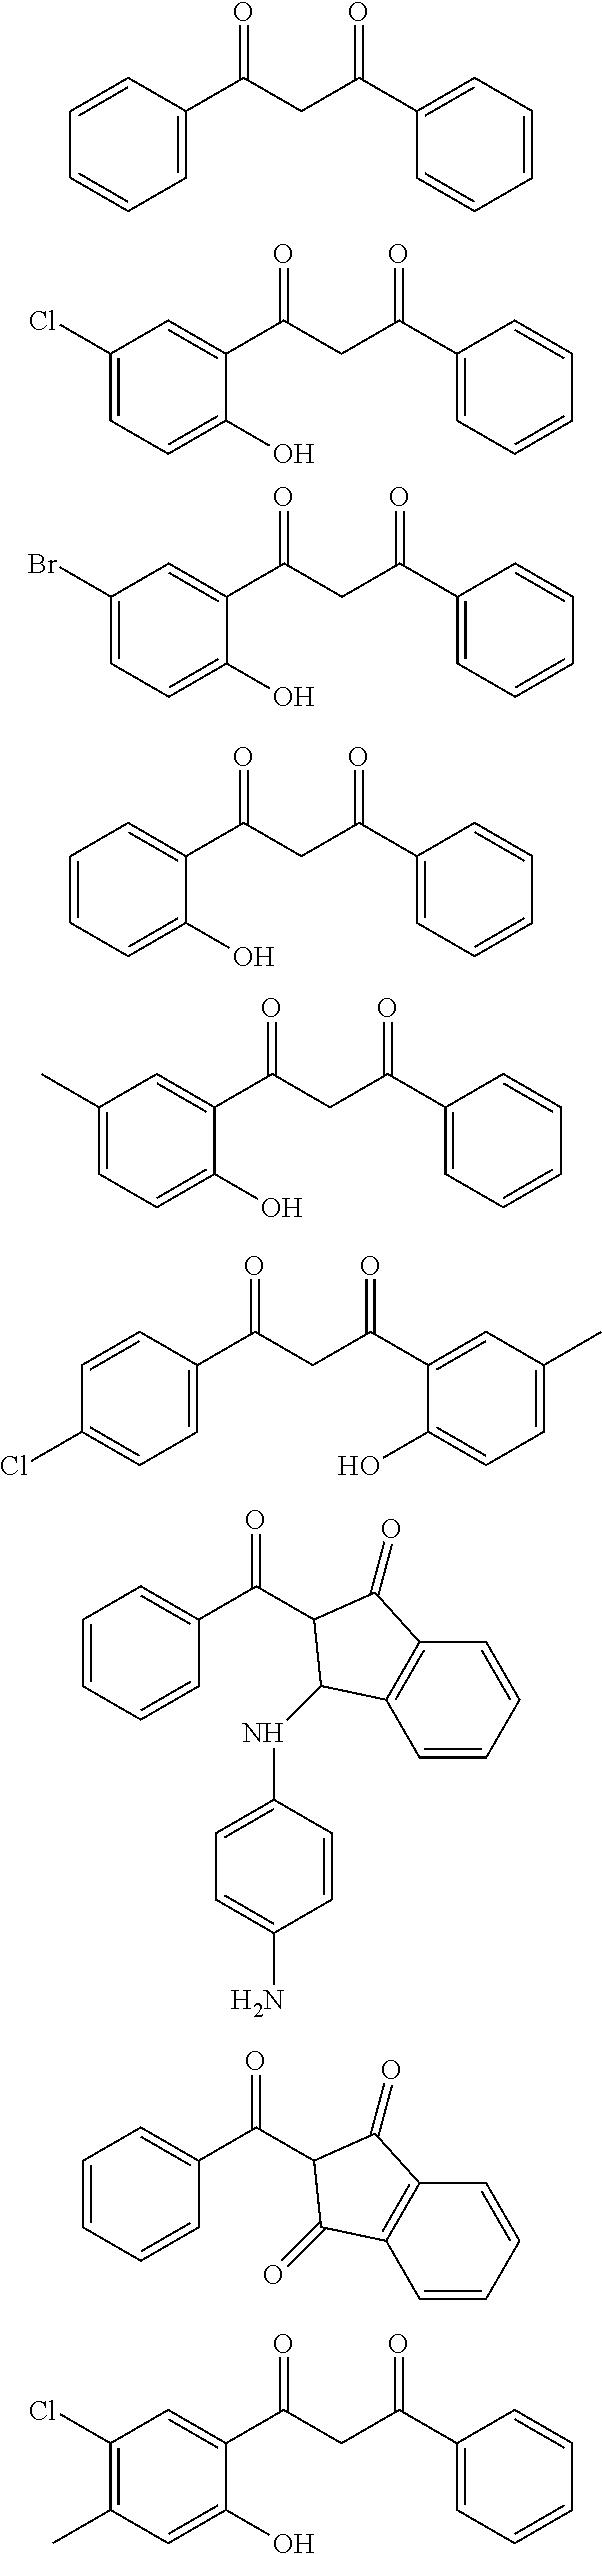 Figure US07955861-20110607-C00009